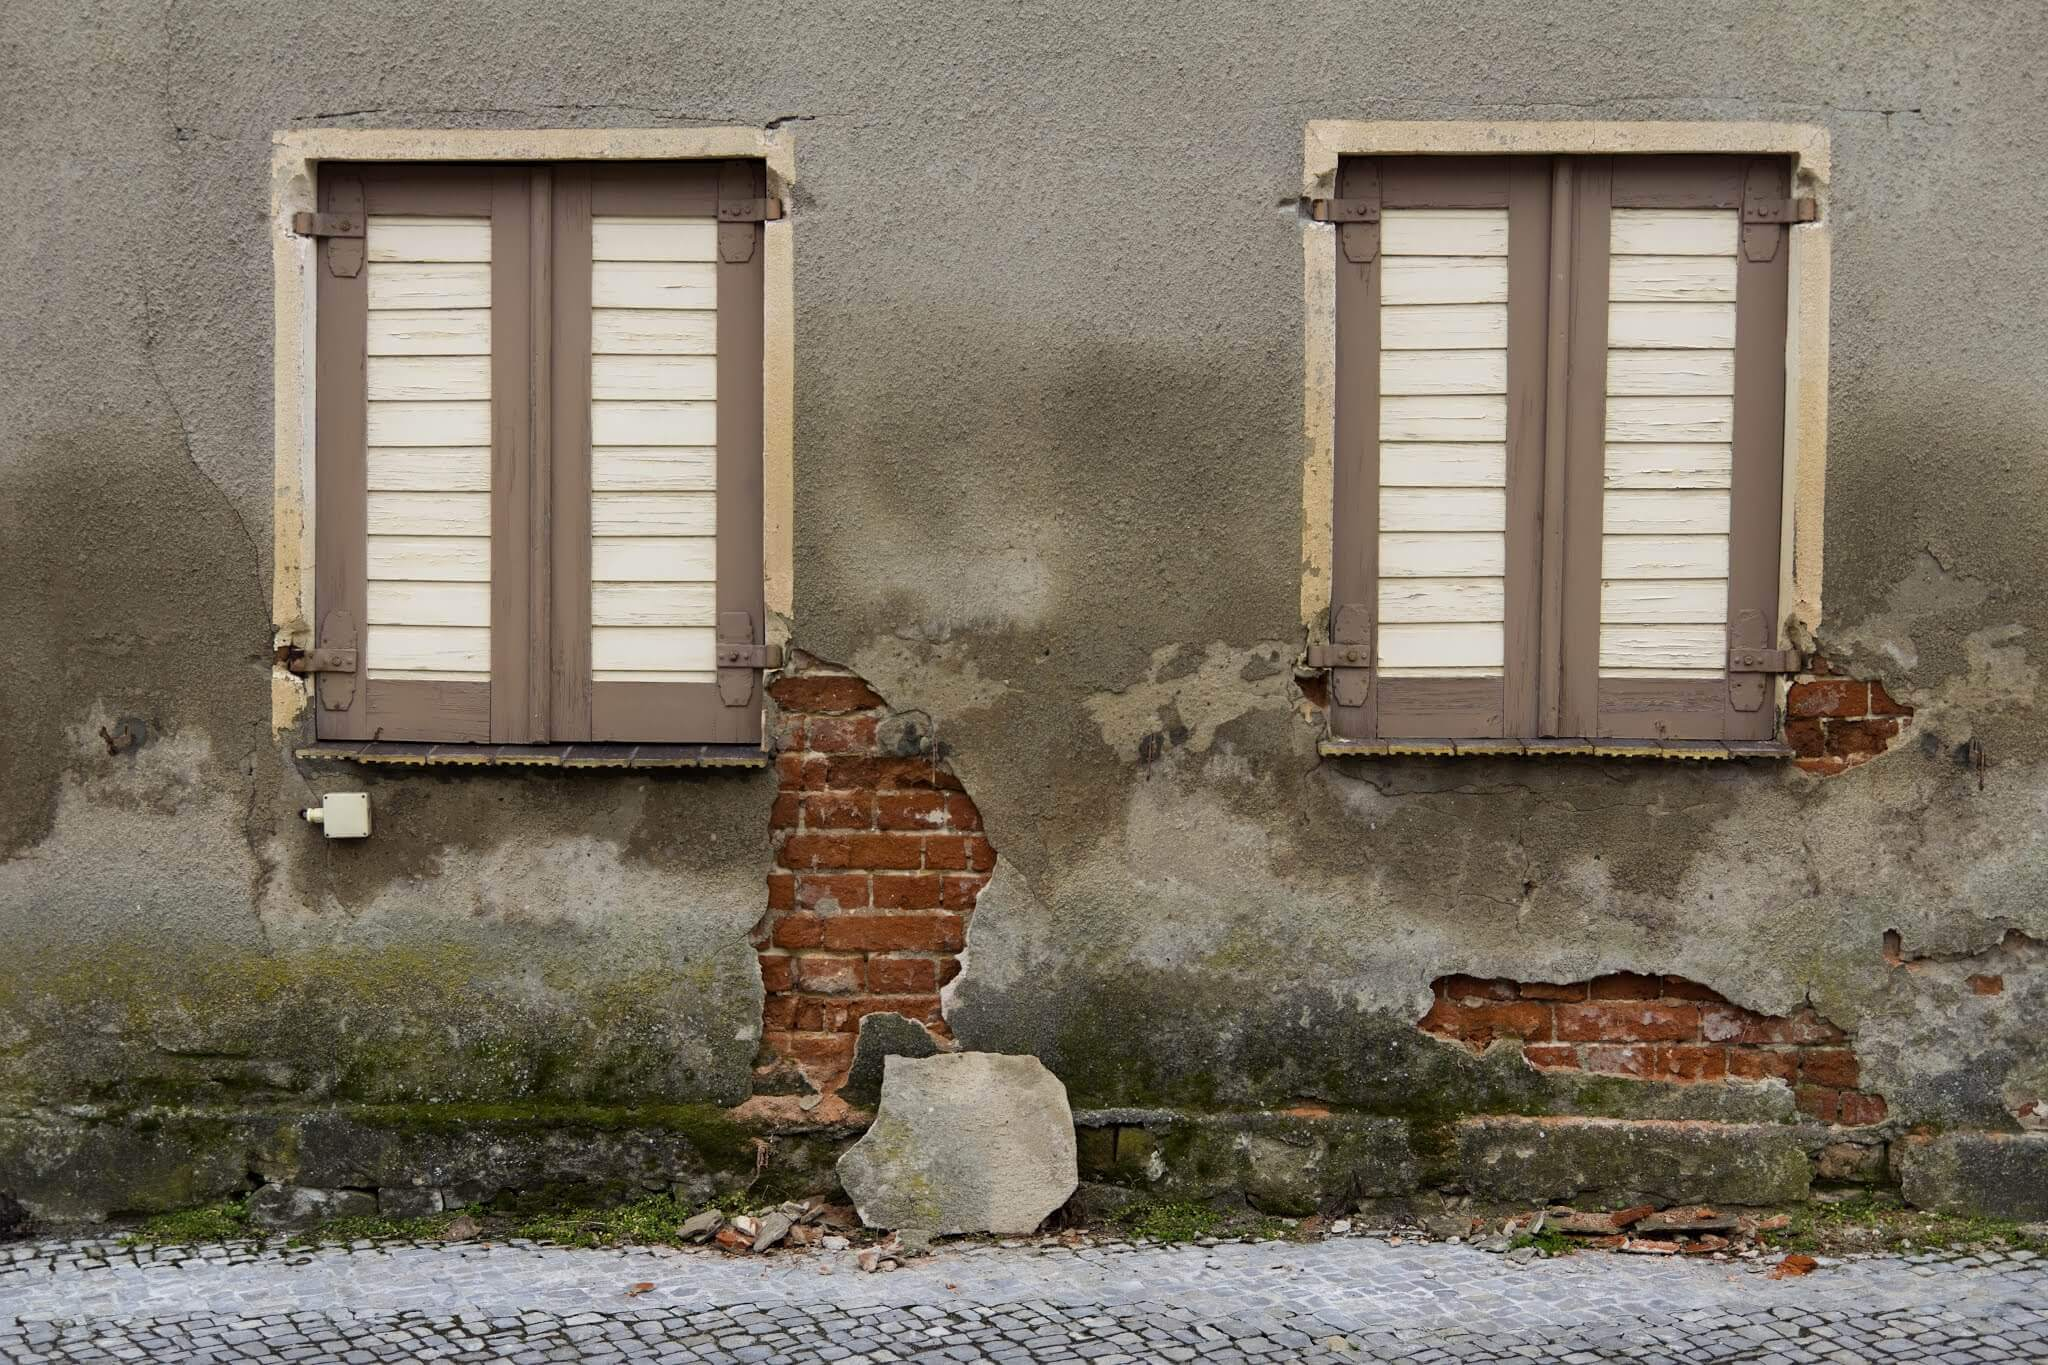 Humidité de la façade - Image mobile